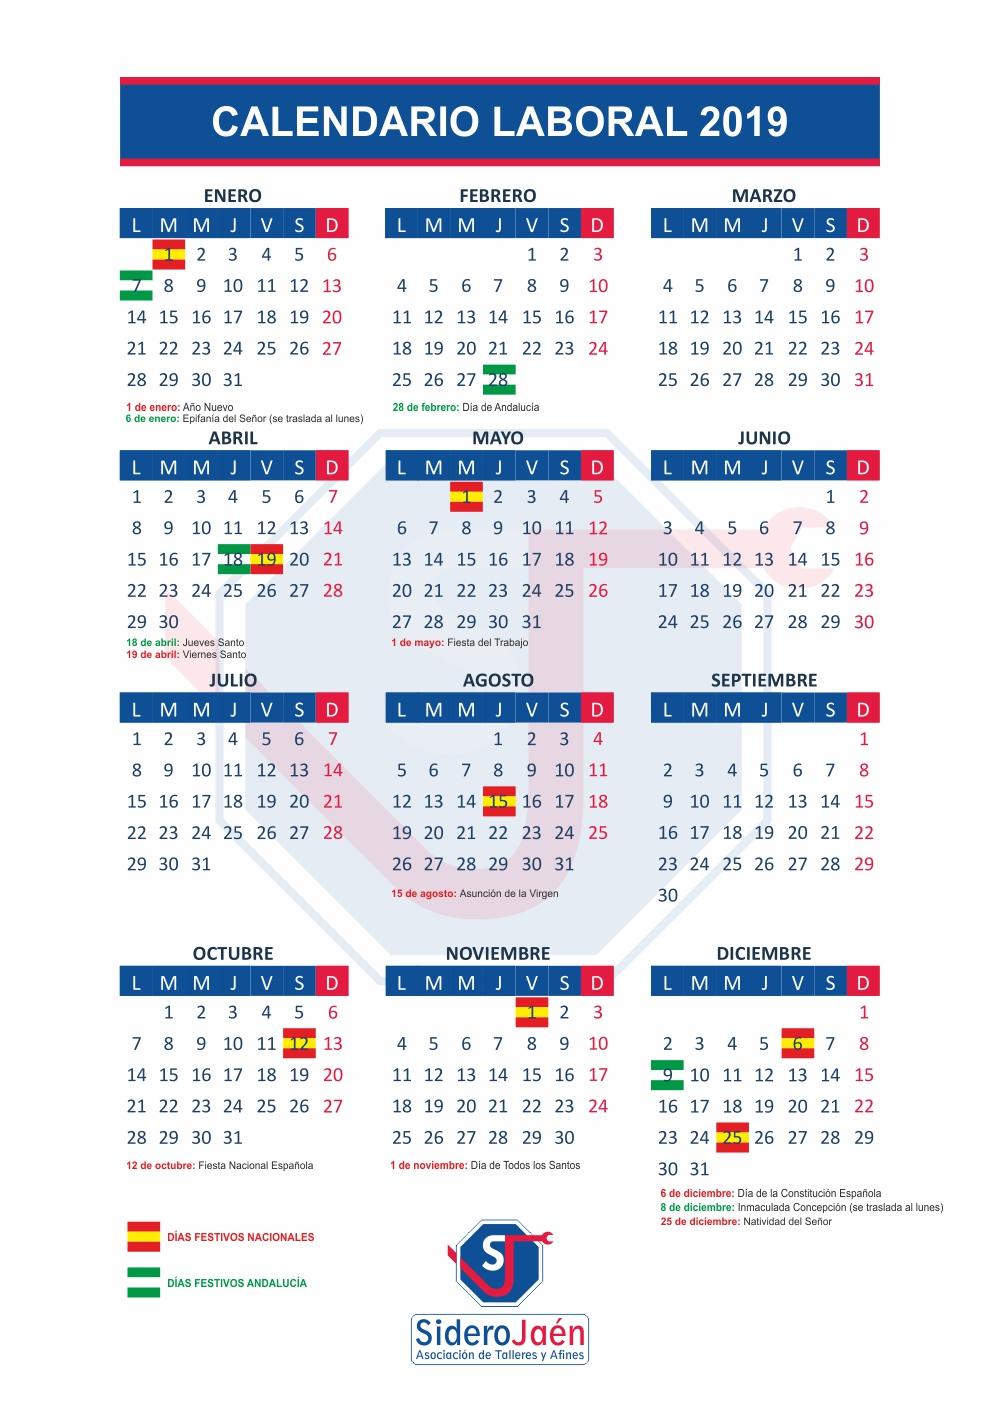 Calendario Laboral 2019 Andalucia.Calendario Laboral 2019 Siderojaen